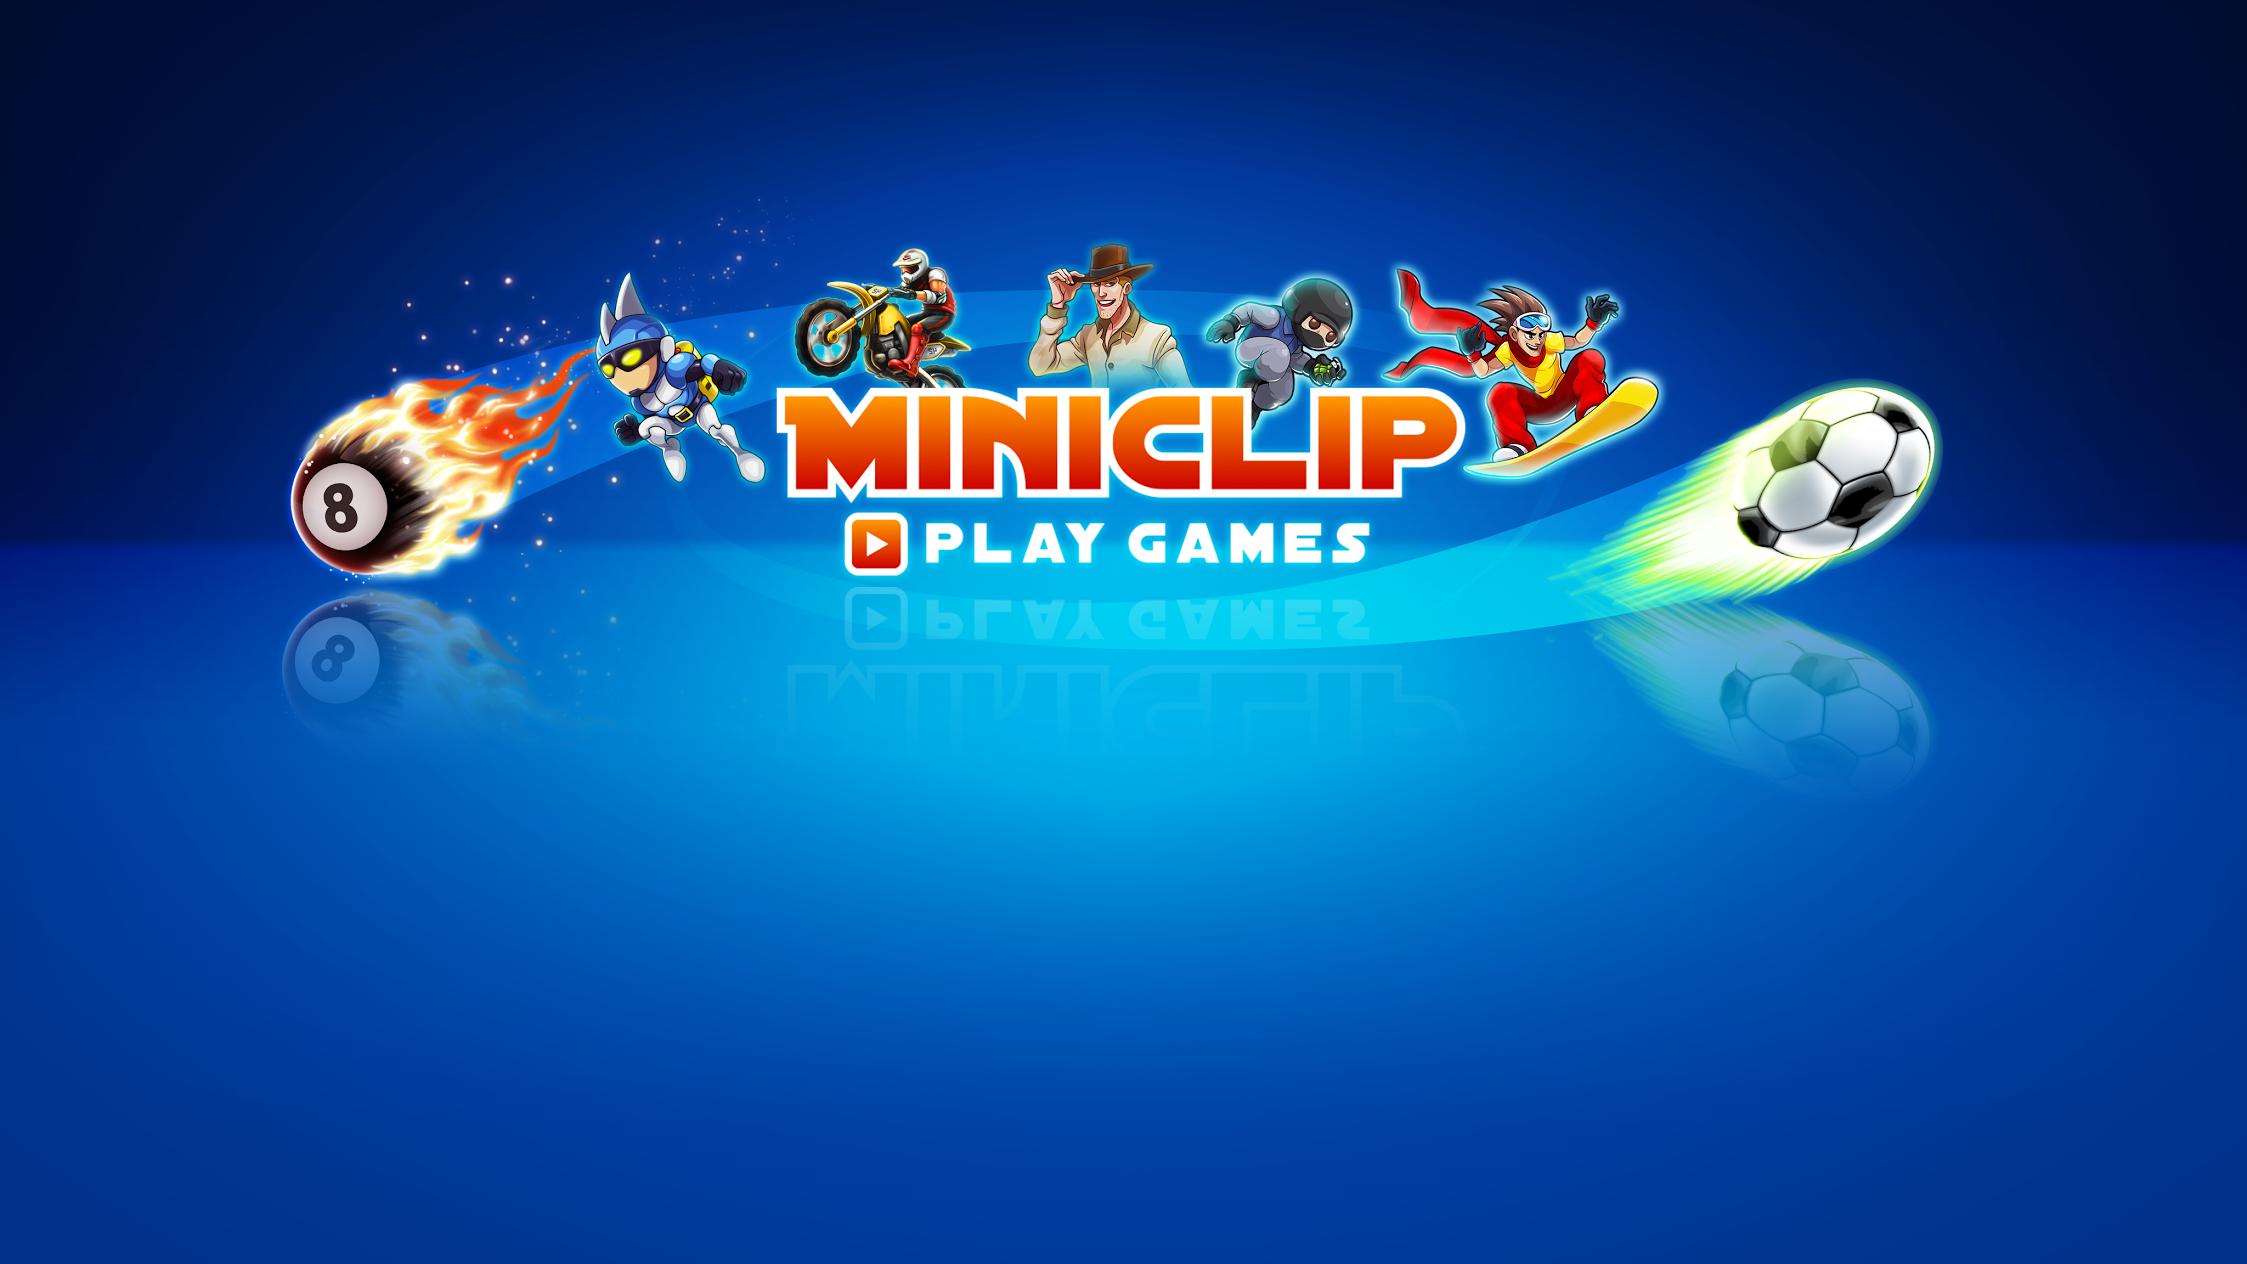 Miniclip – Miniclip.com | Play Free Online Miniclip Games